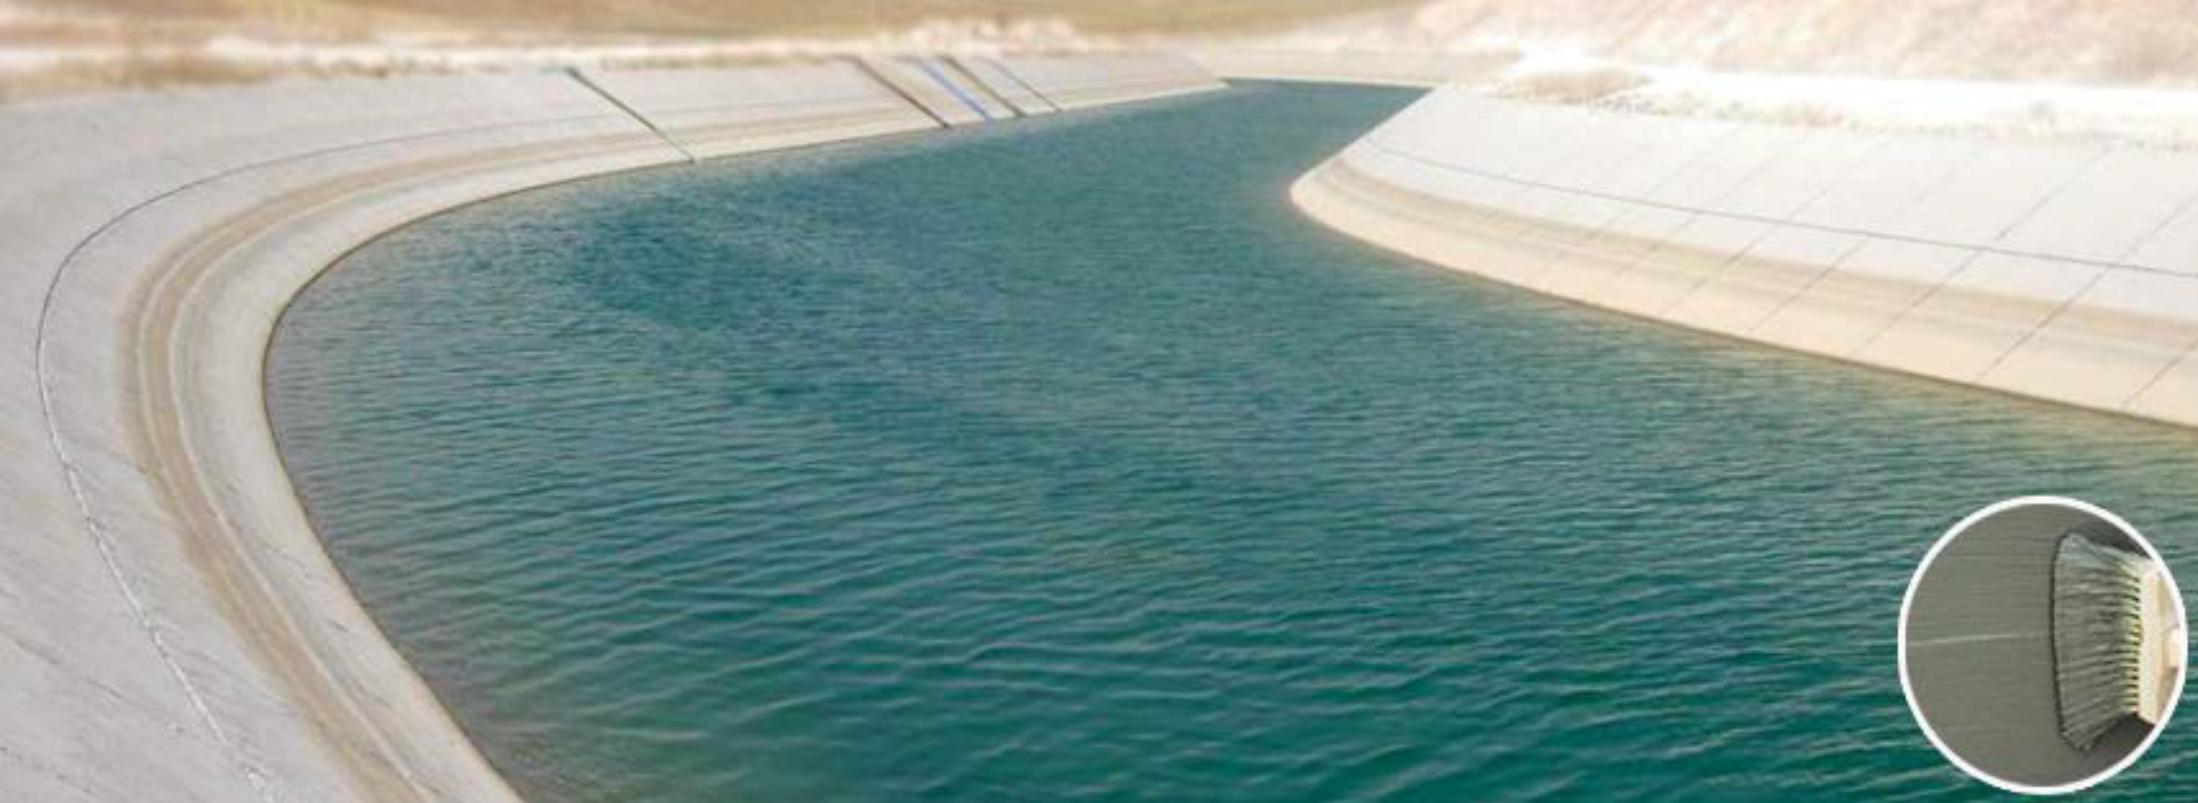 آب بند استخر , آب بند مخازن بتنی آب , آب بند چاله آسانسور